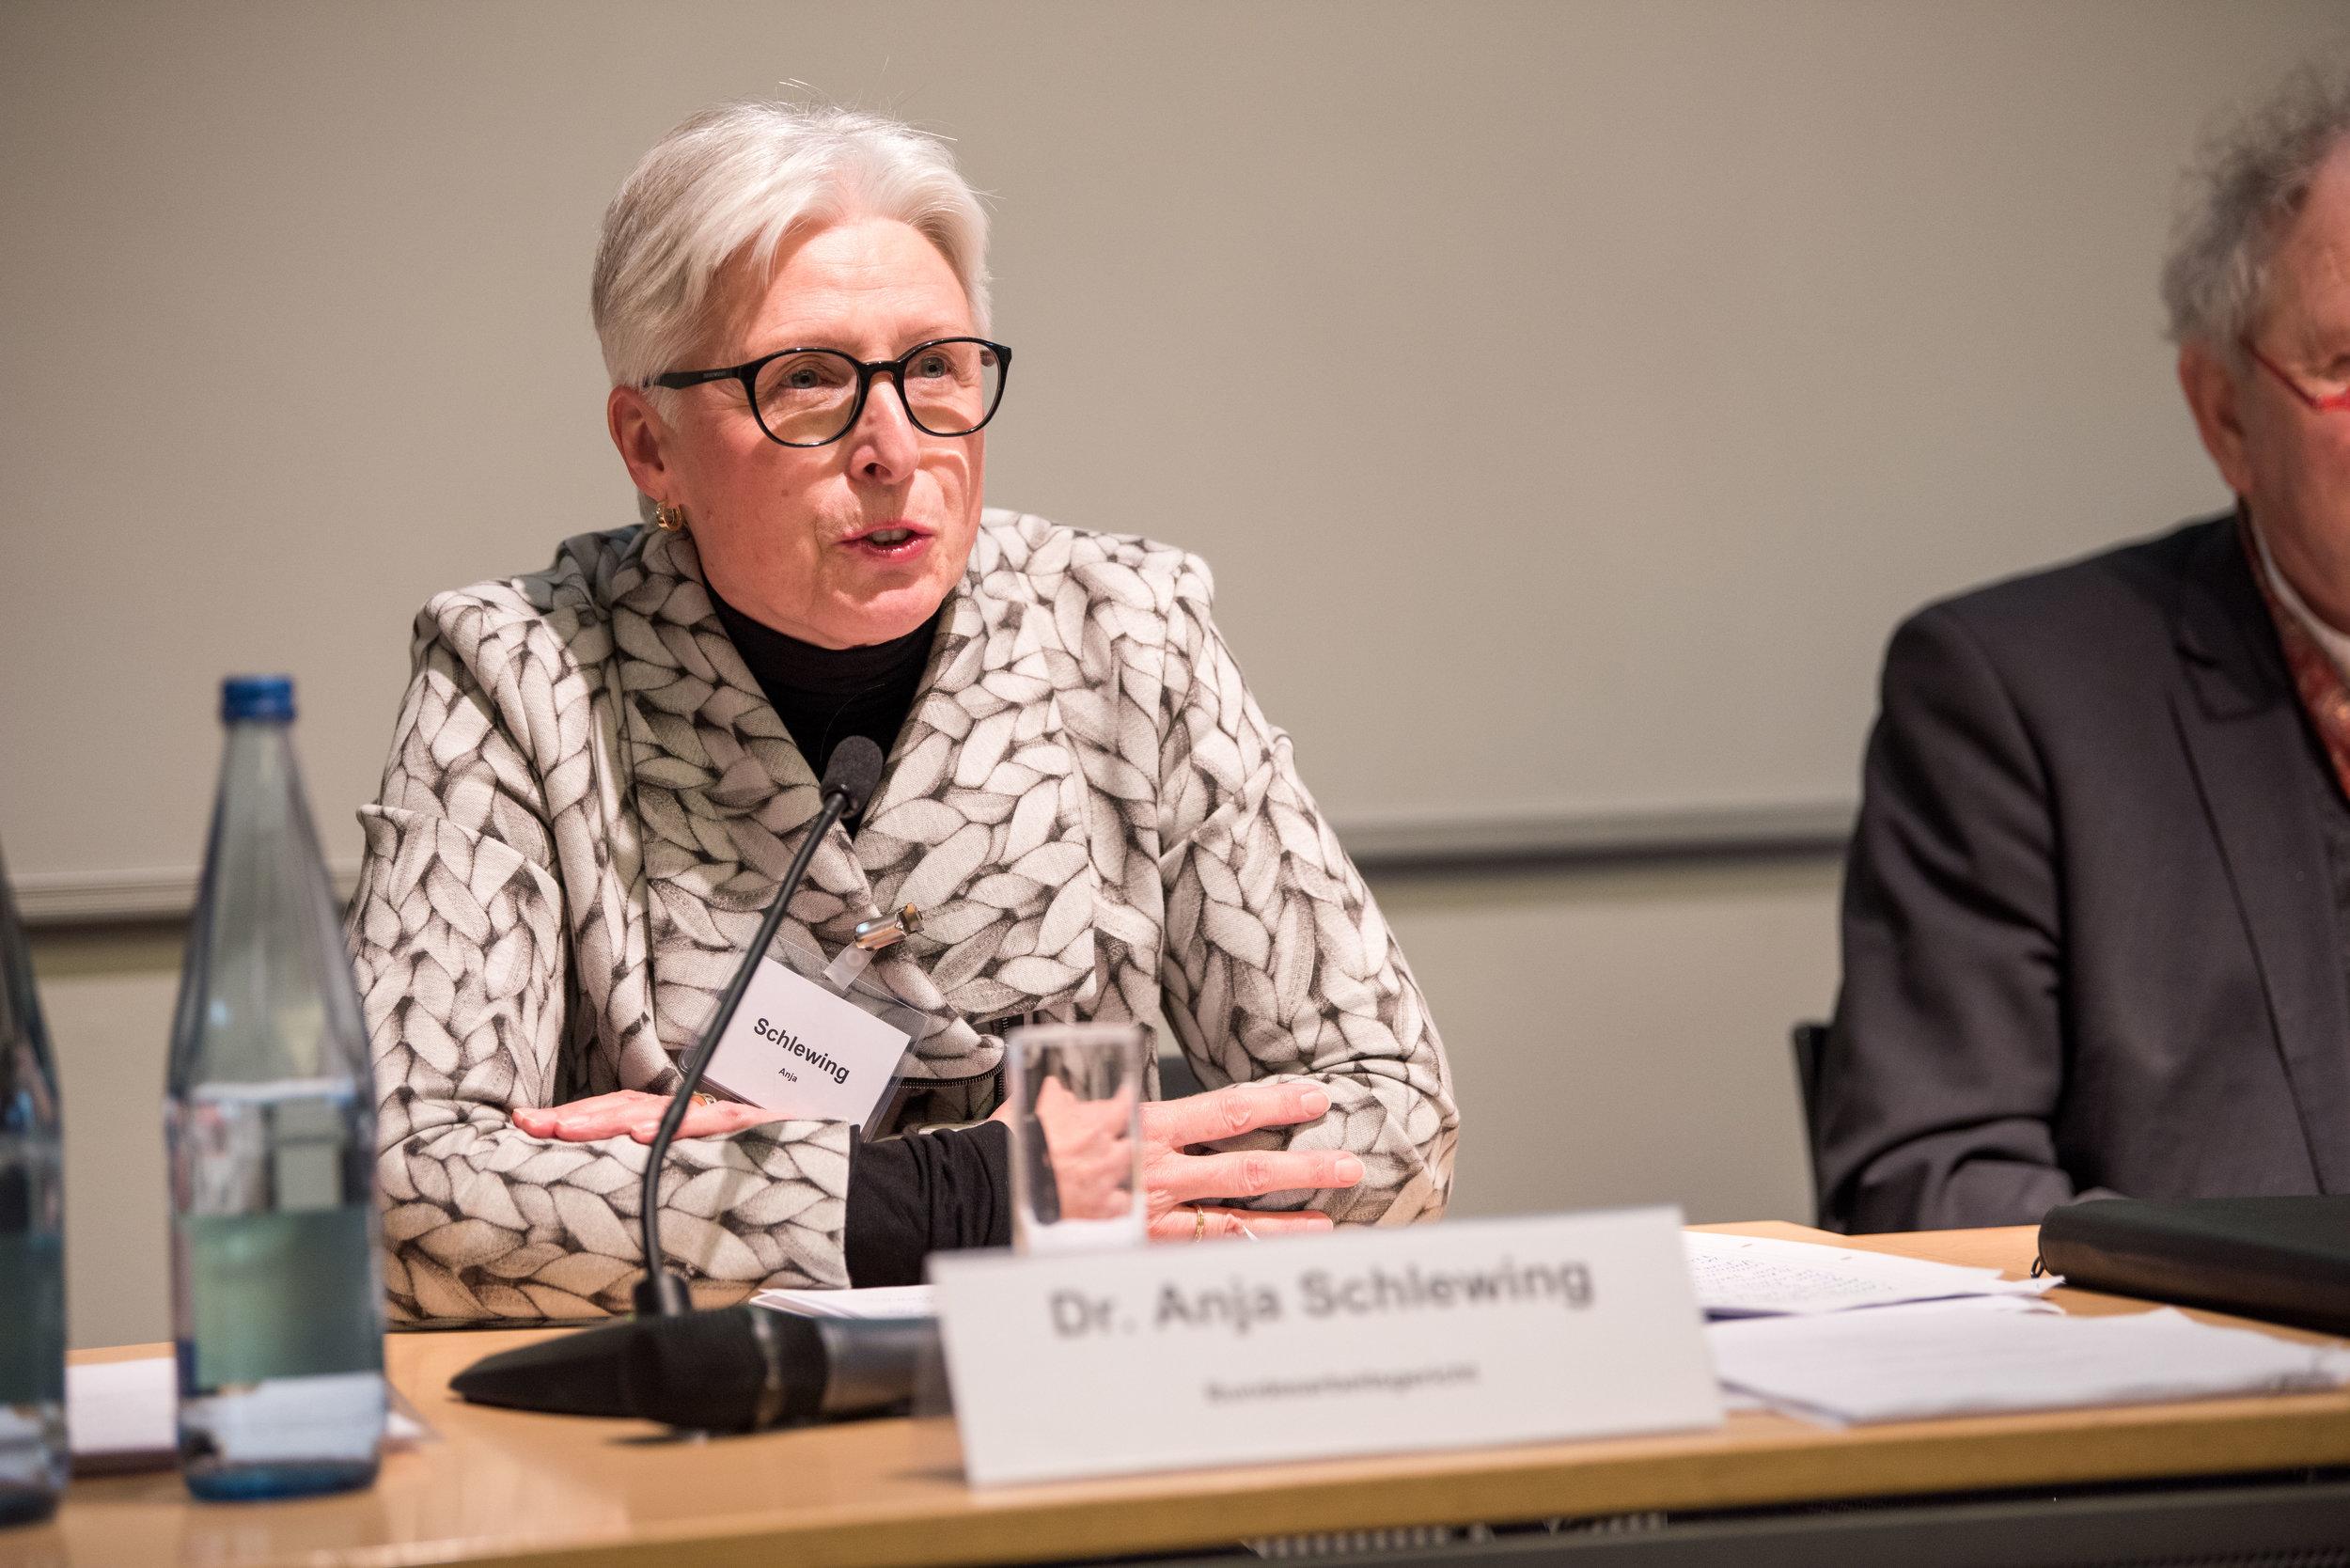 Prof. Dr. Anja Schlewing, Vorsitzende Richterin am Bundesarbeitsgericht, Erfurt, übernimmt Vorstellung und Moderation des letzten Vortrages am ersten Tagungstag.